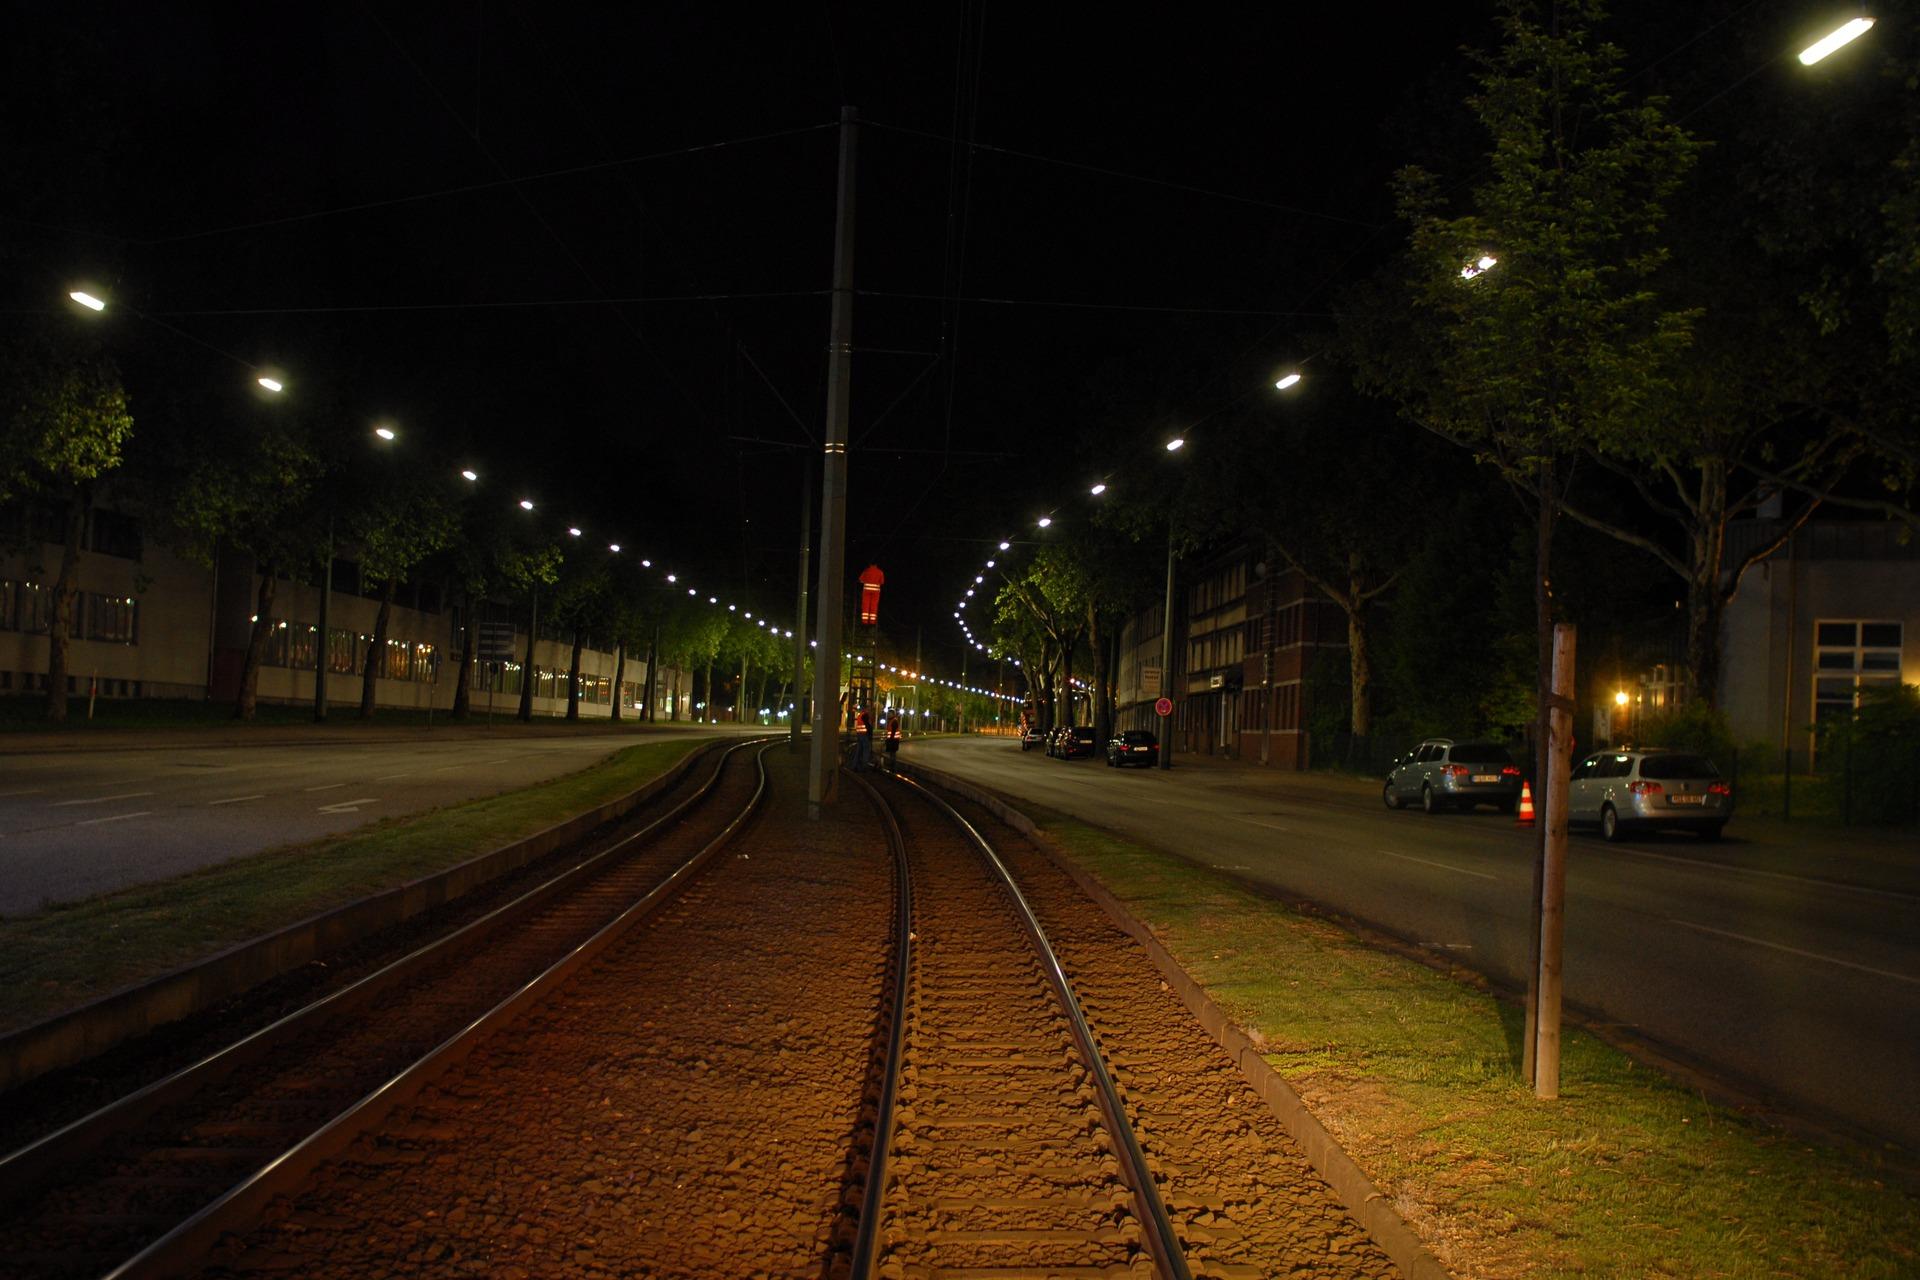 Sicht aus der Straßenbahn auf Bauarbeiter auf den Schienen